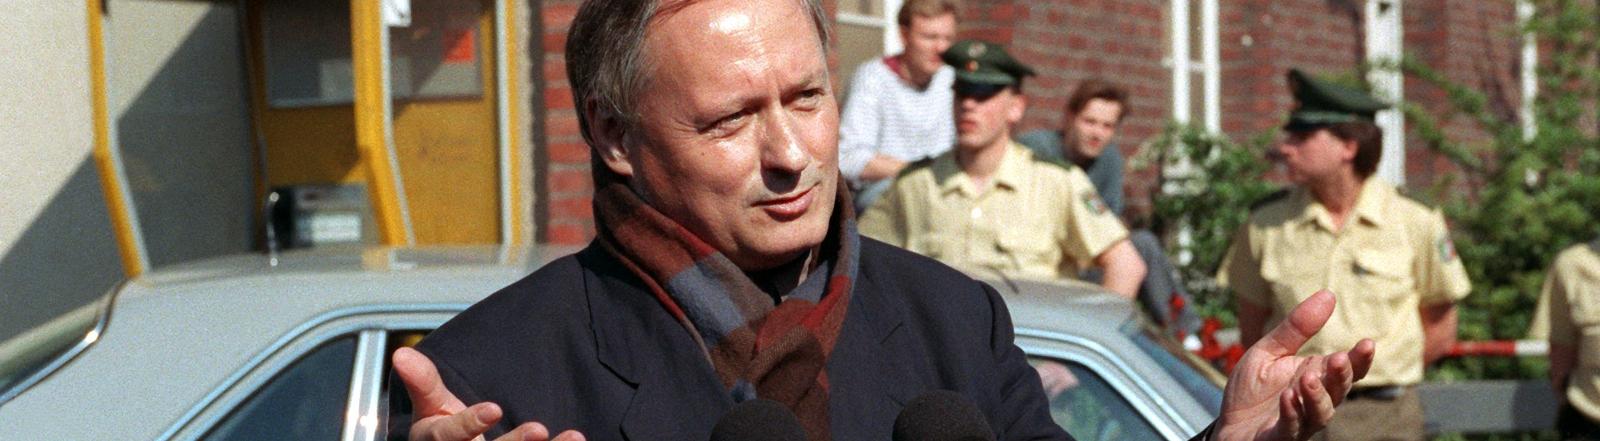 Nach dem Attentag: Oskar Lafontaine zeigt sich in der Öffentlichkeit